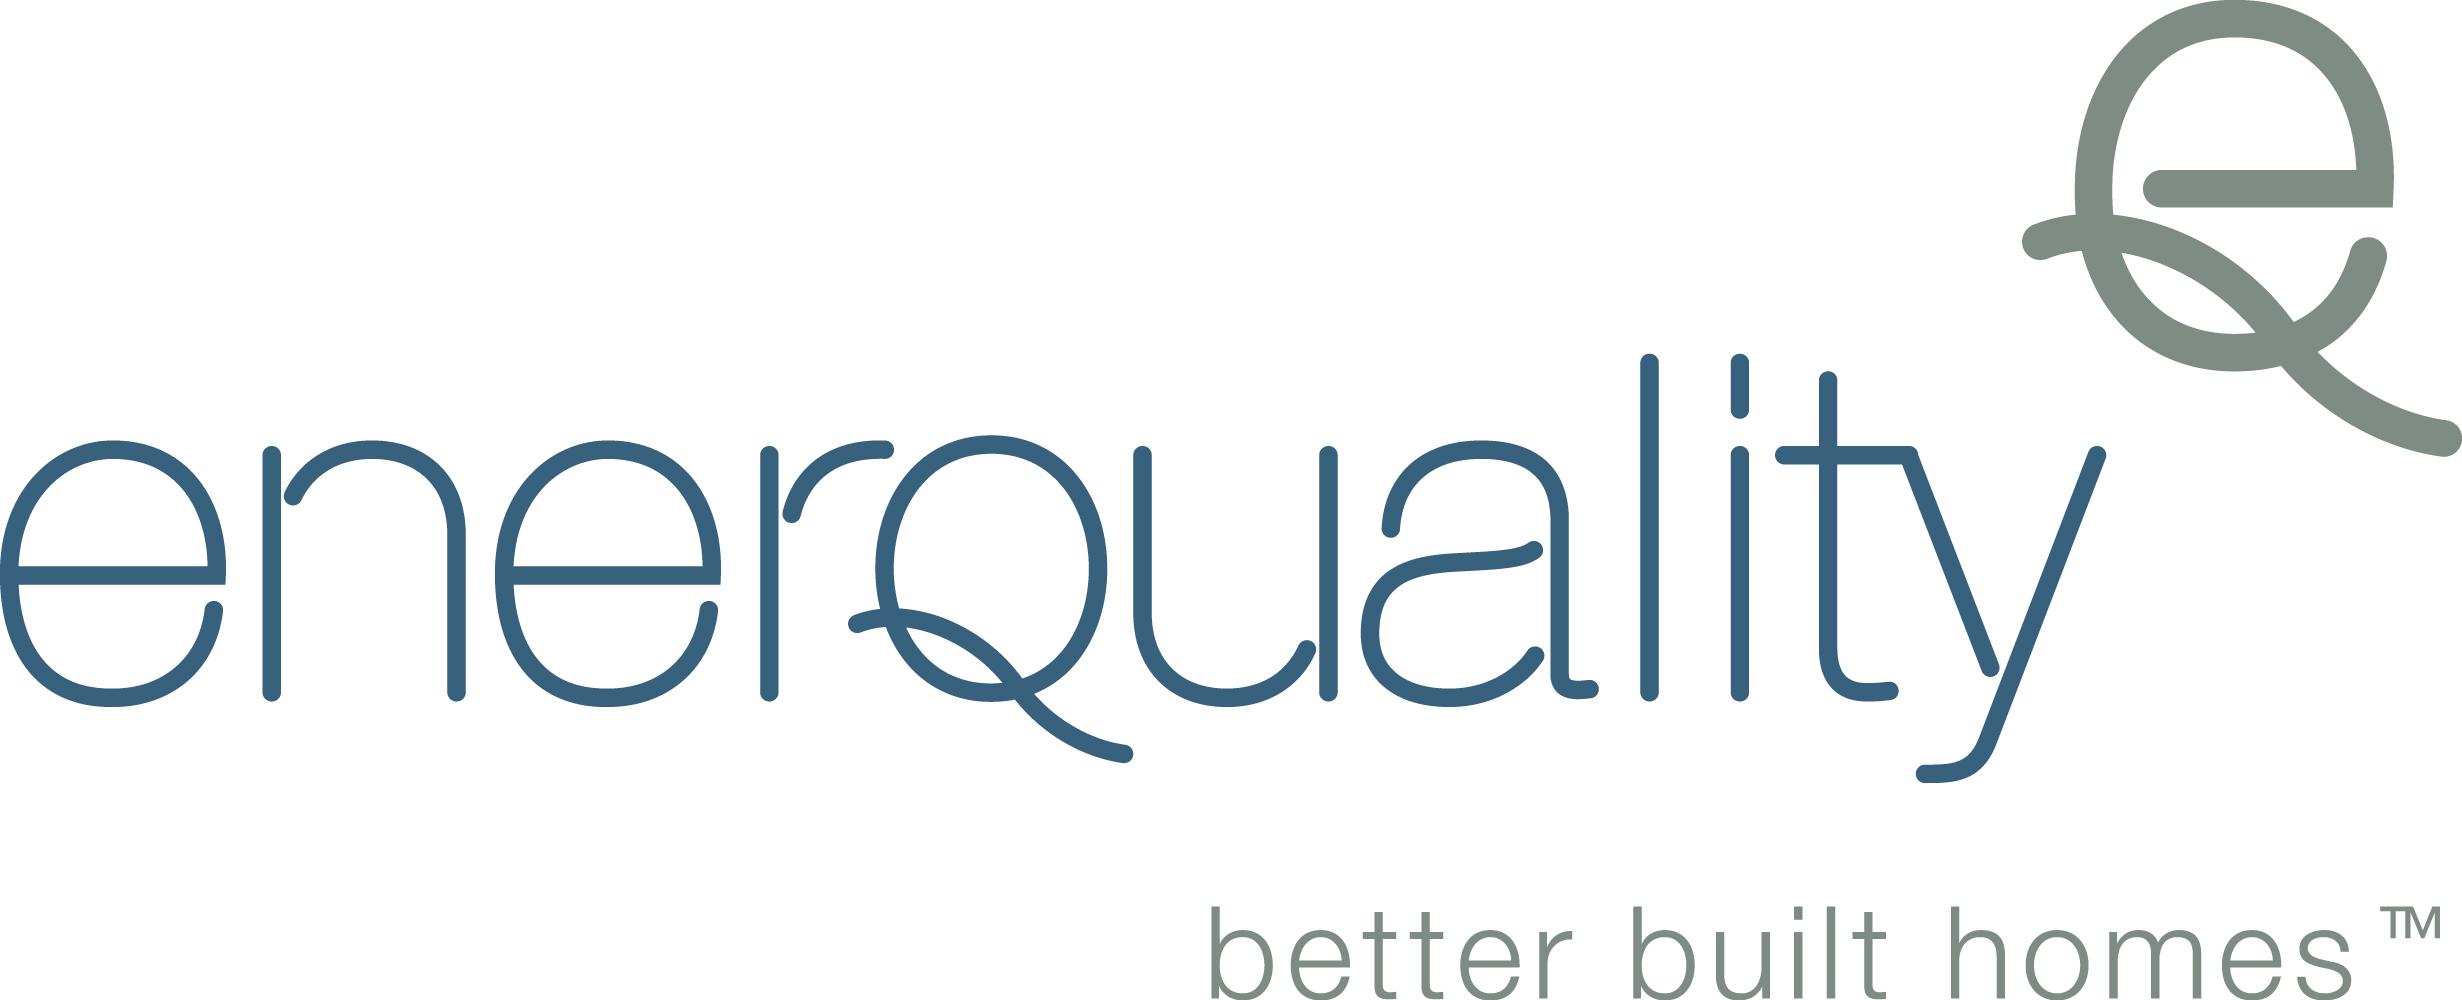 enerquality logo